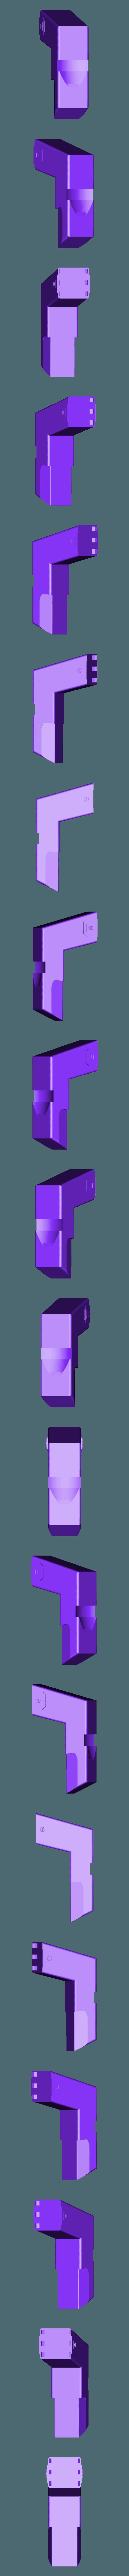 Scope_Mount.stl Télécharger fichier STL gratuit Borderlands Bandit Room Clener Shotgun • Modèle pour impression 3D, Dsk